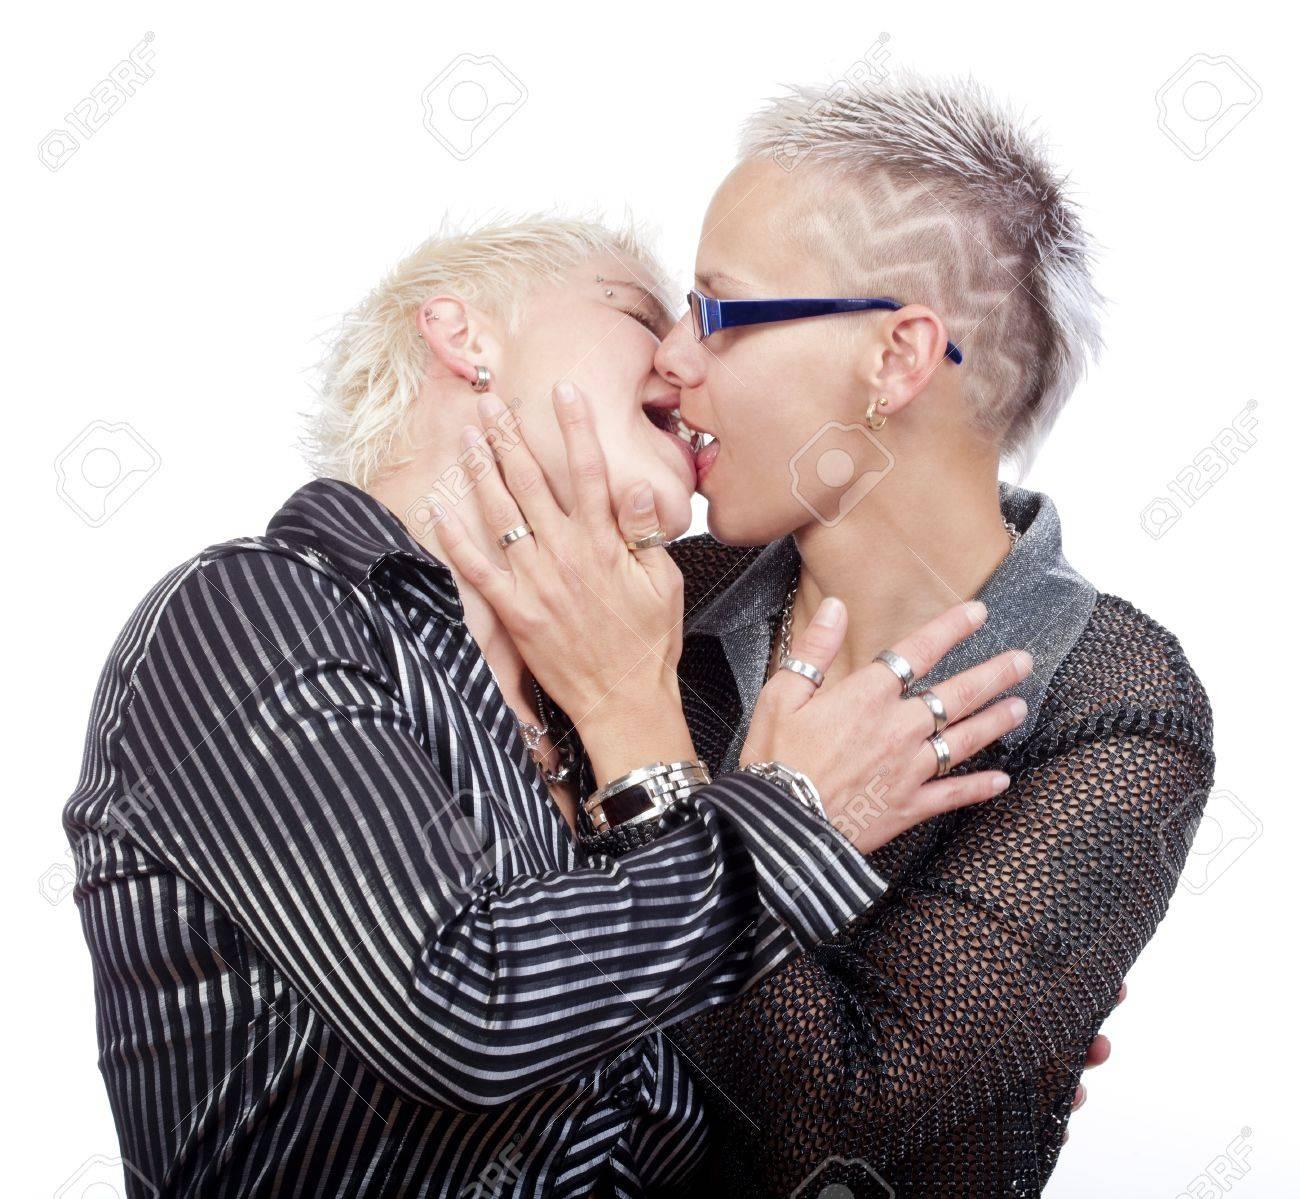 dating website voor punkers